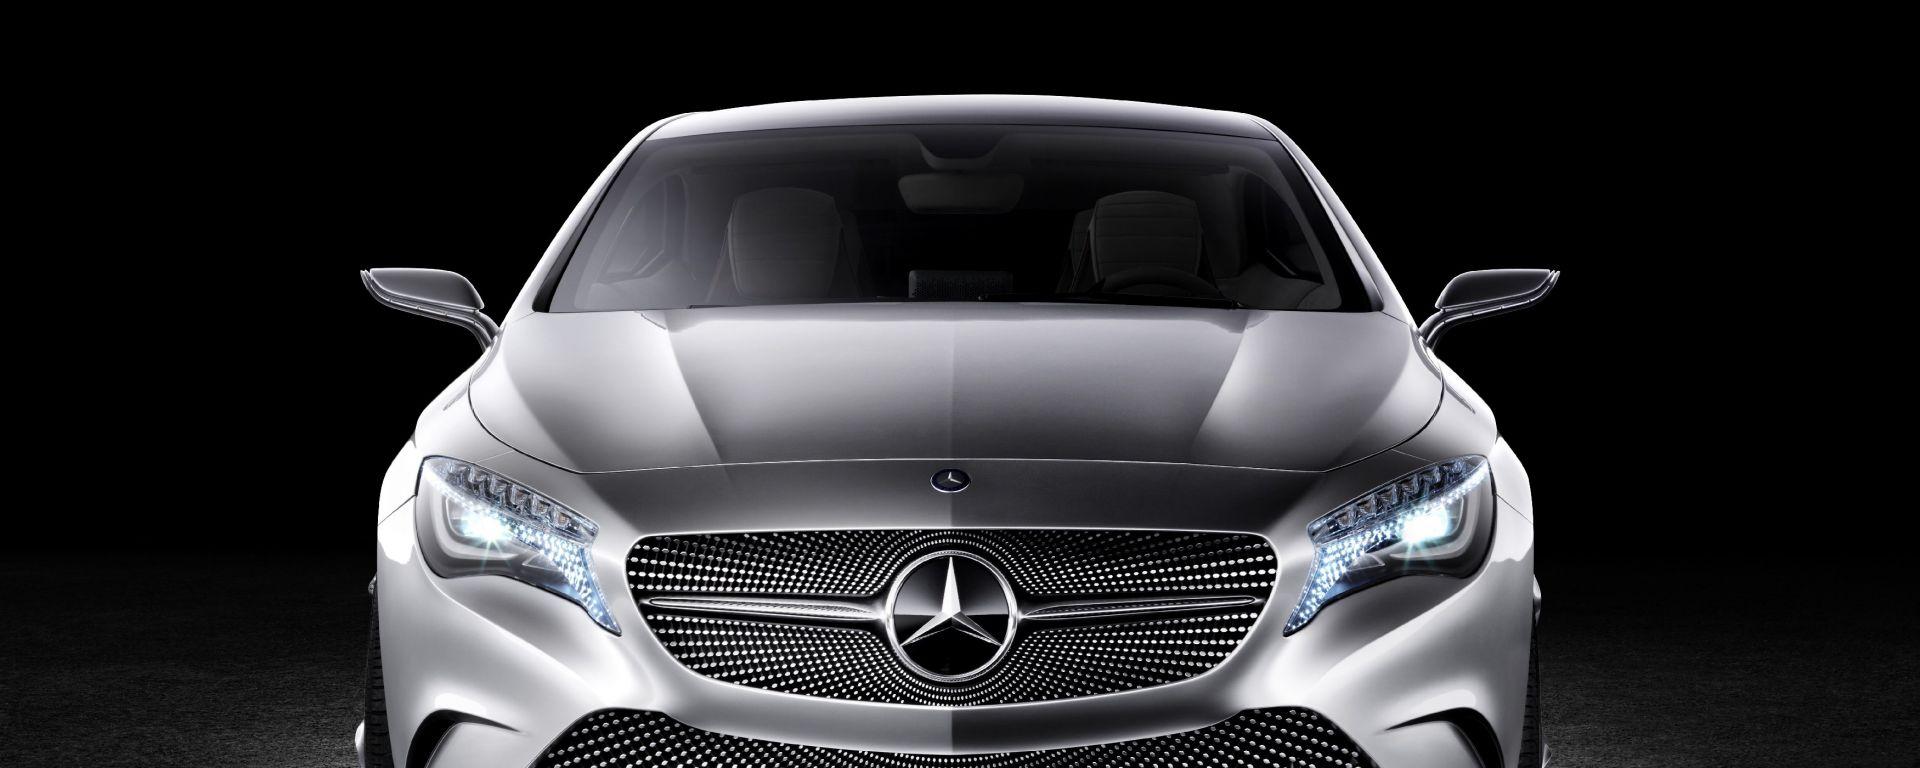 La Mercedes Concept Classe A in 40 nuove immagini in HD